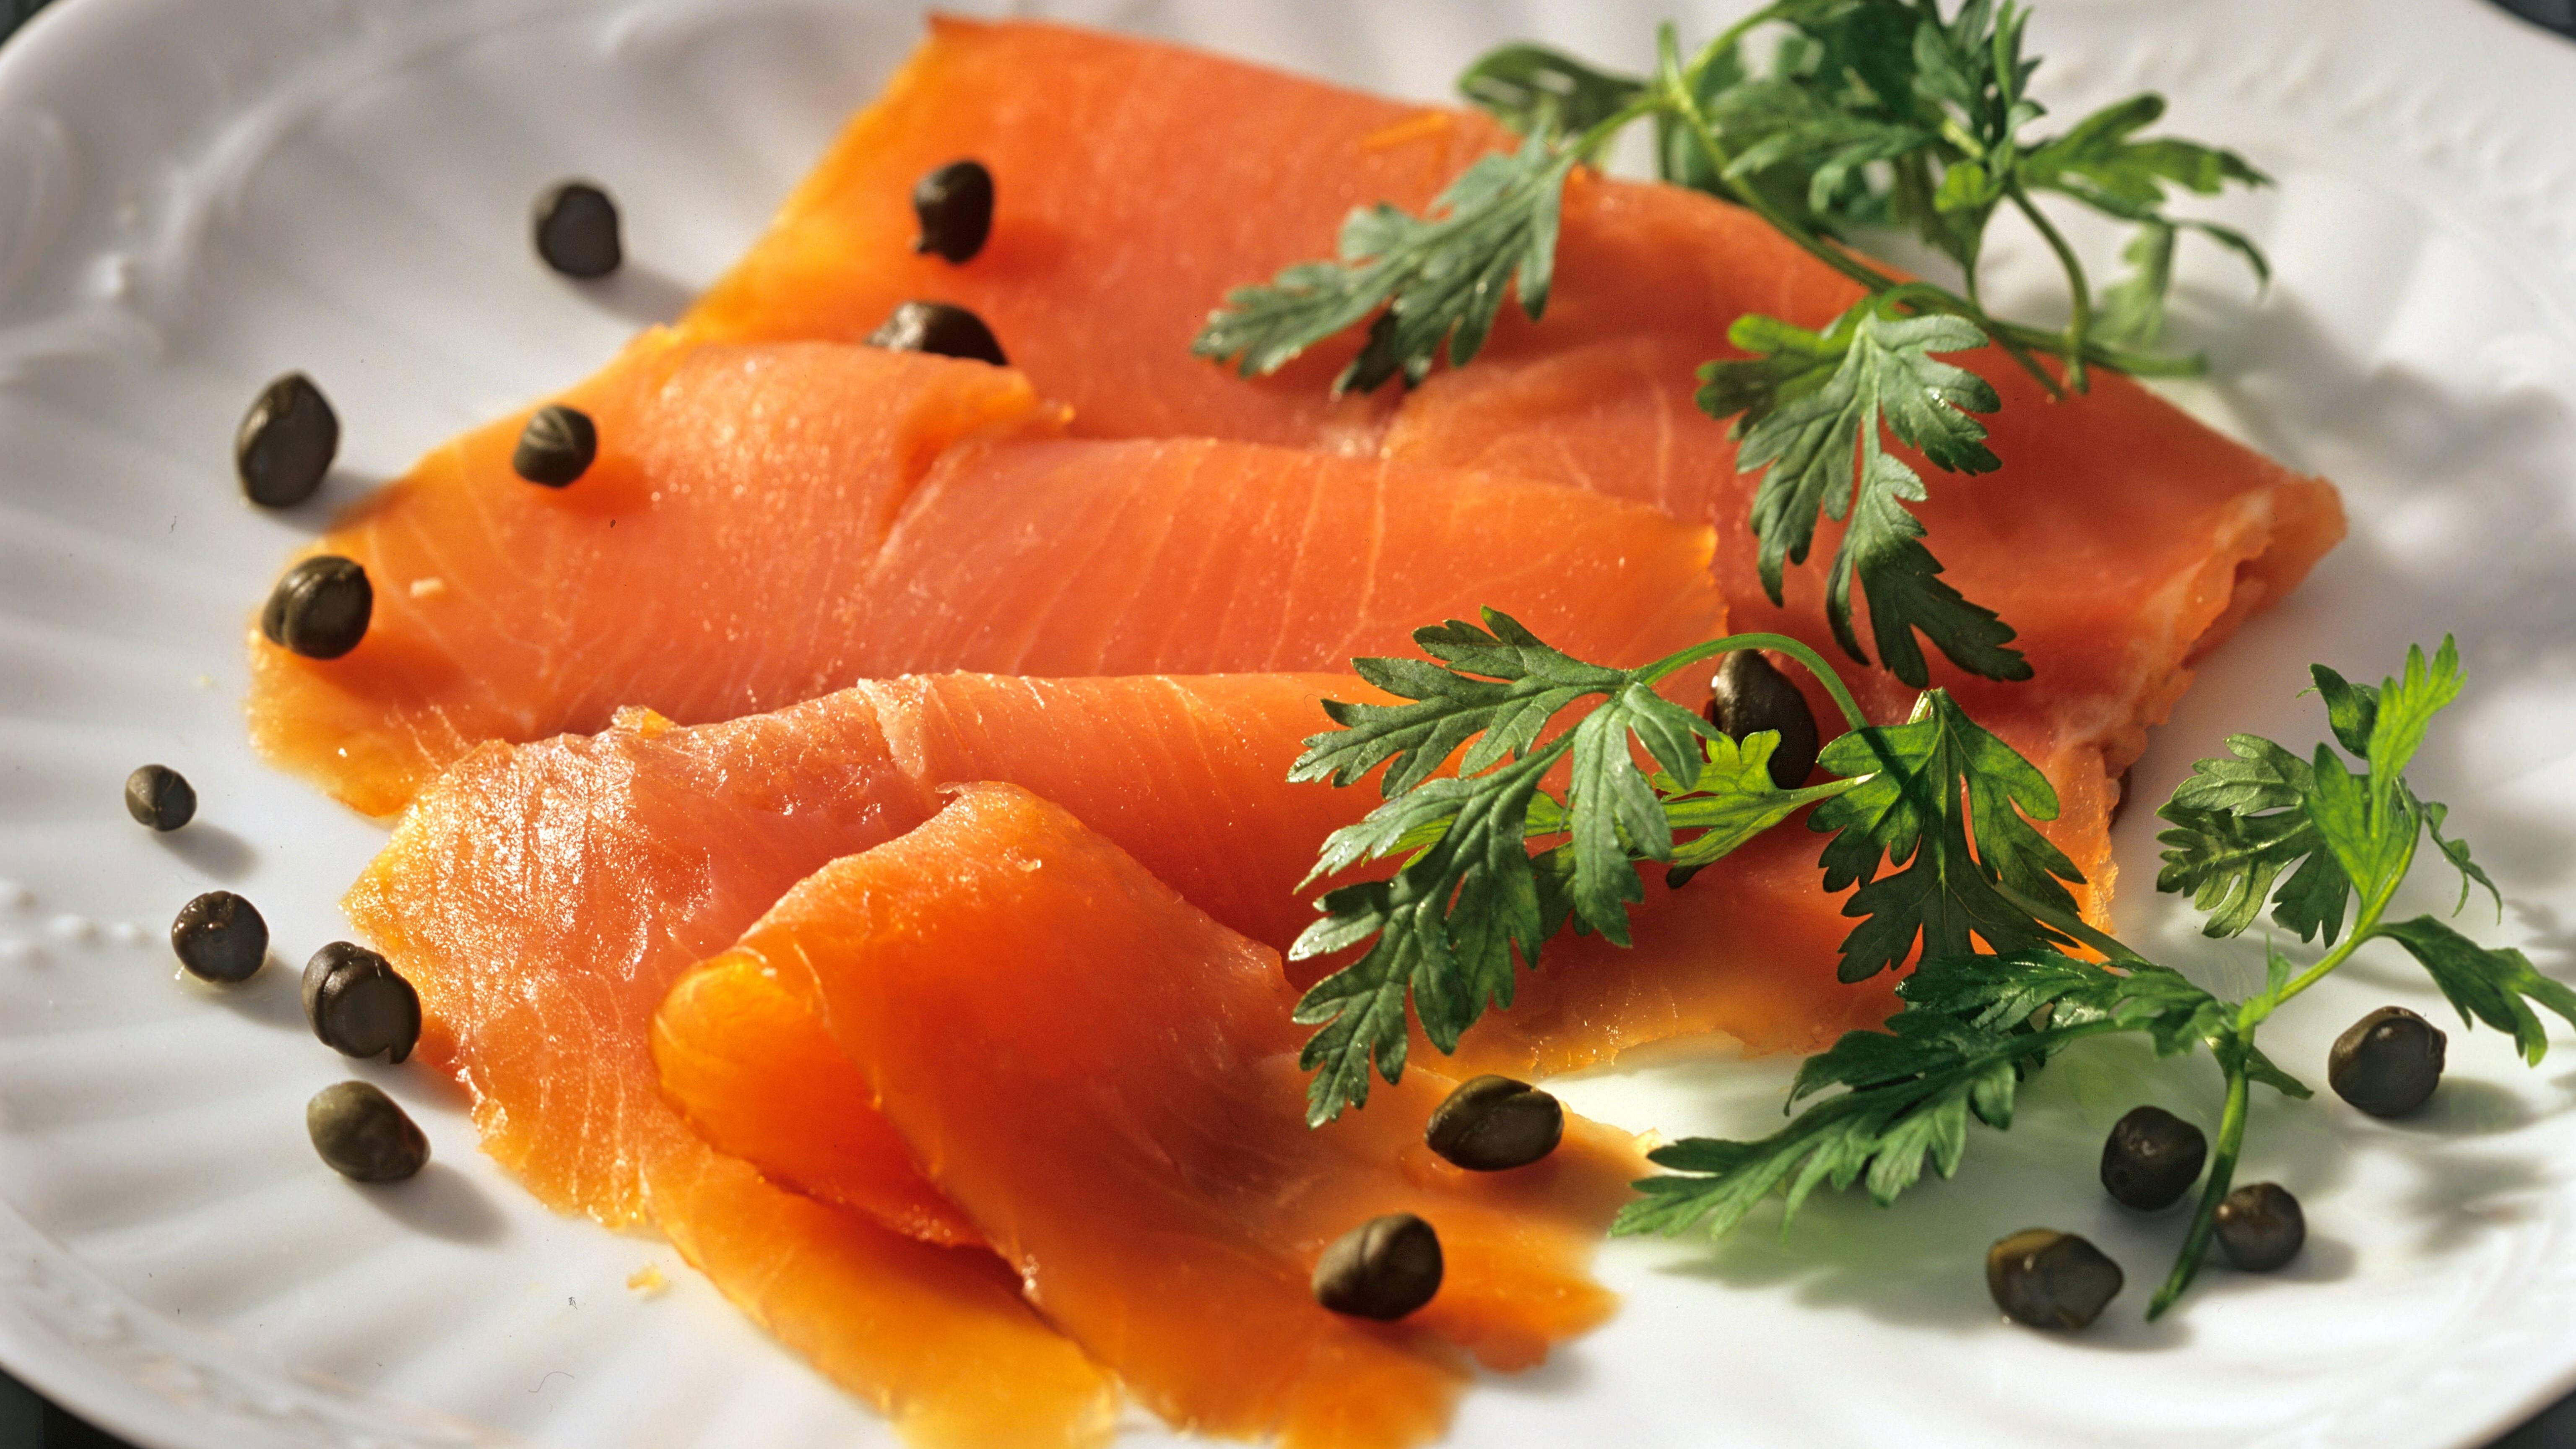 Frischen Fisch sollten Sie möglichst schnell verbrauchen.